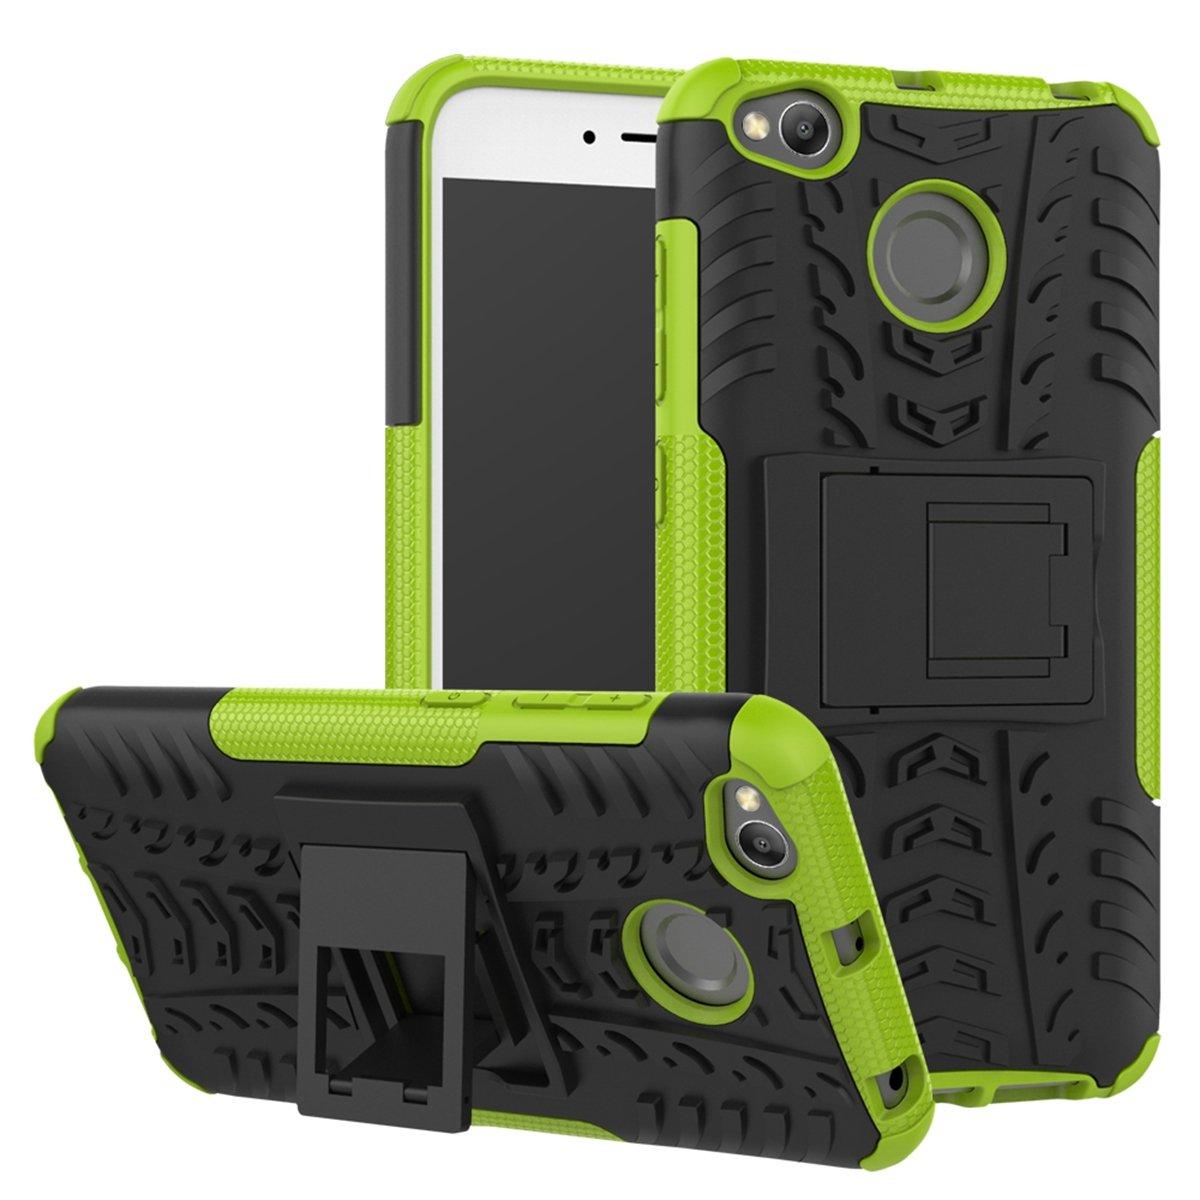 PC dura Armadura Cover Bumper Back Case con Kickstand para Xiaomi Redmi 4X Anti-rasgu/ños Protecci/ón completa del cuerpo Xiaomi Redmi 4X Funda FindaGift Doble capa 2 en 1 Soft TPU Verde Antichoque